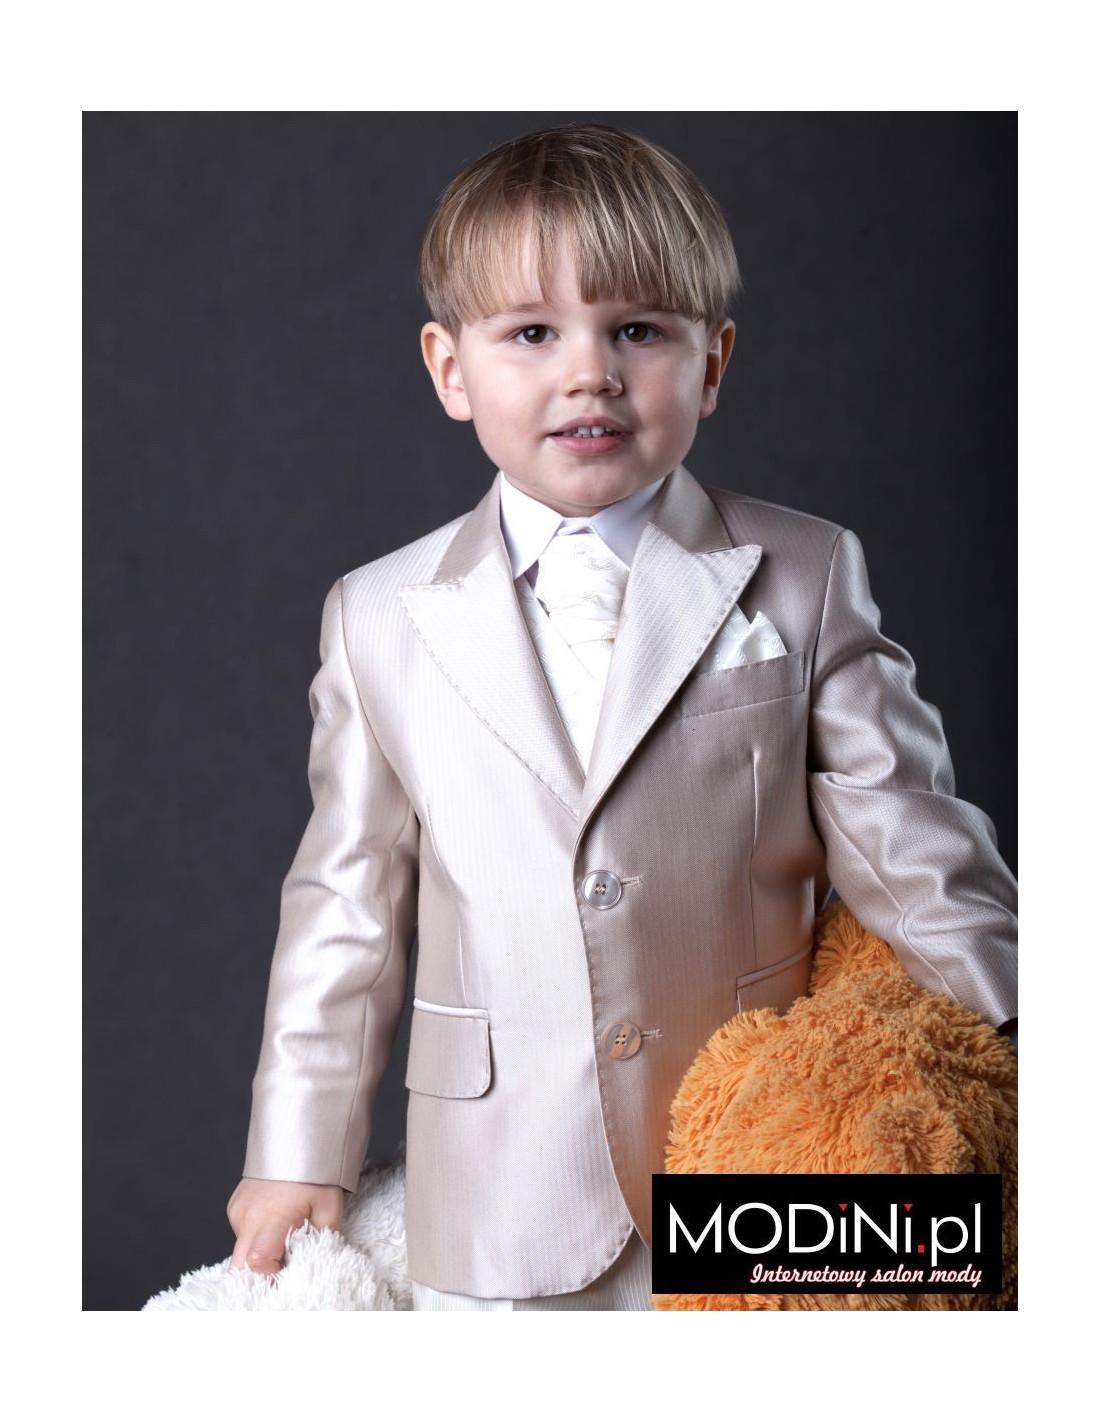 576d4dc2a89d1 Garnitur dziecięcy złoty beż   Sklep Internetowy Modini.pl